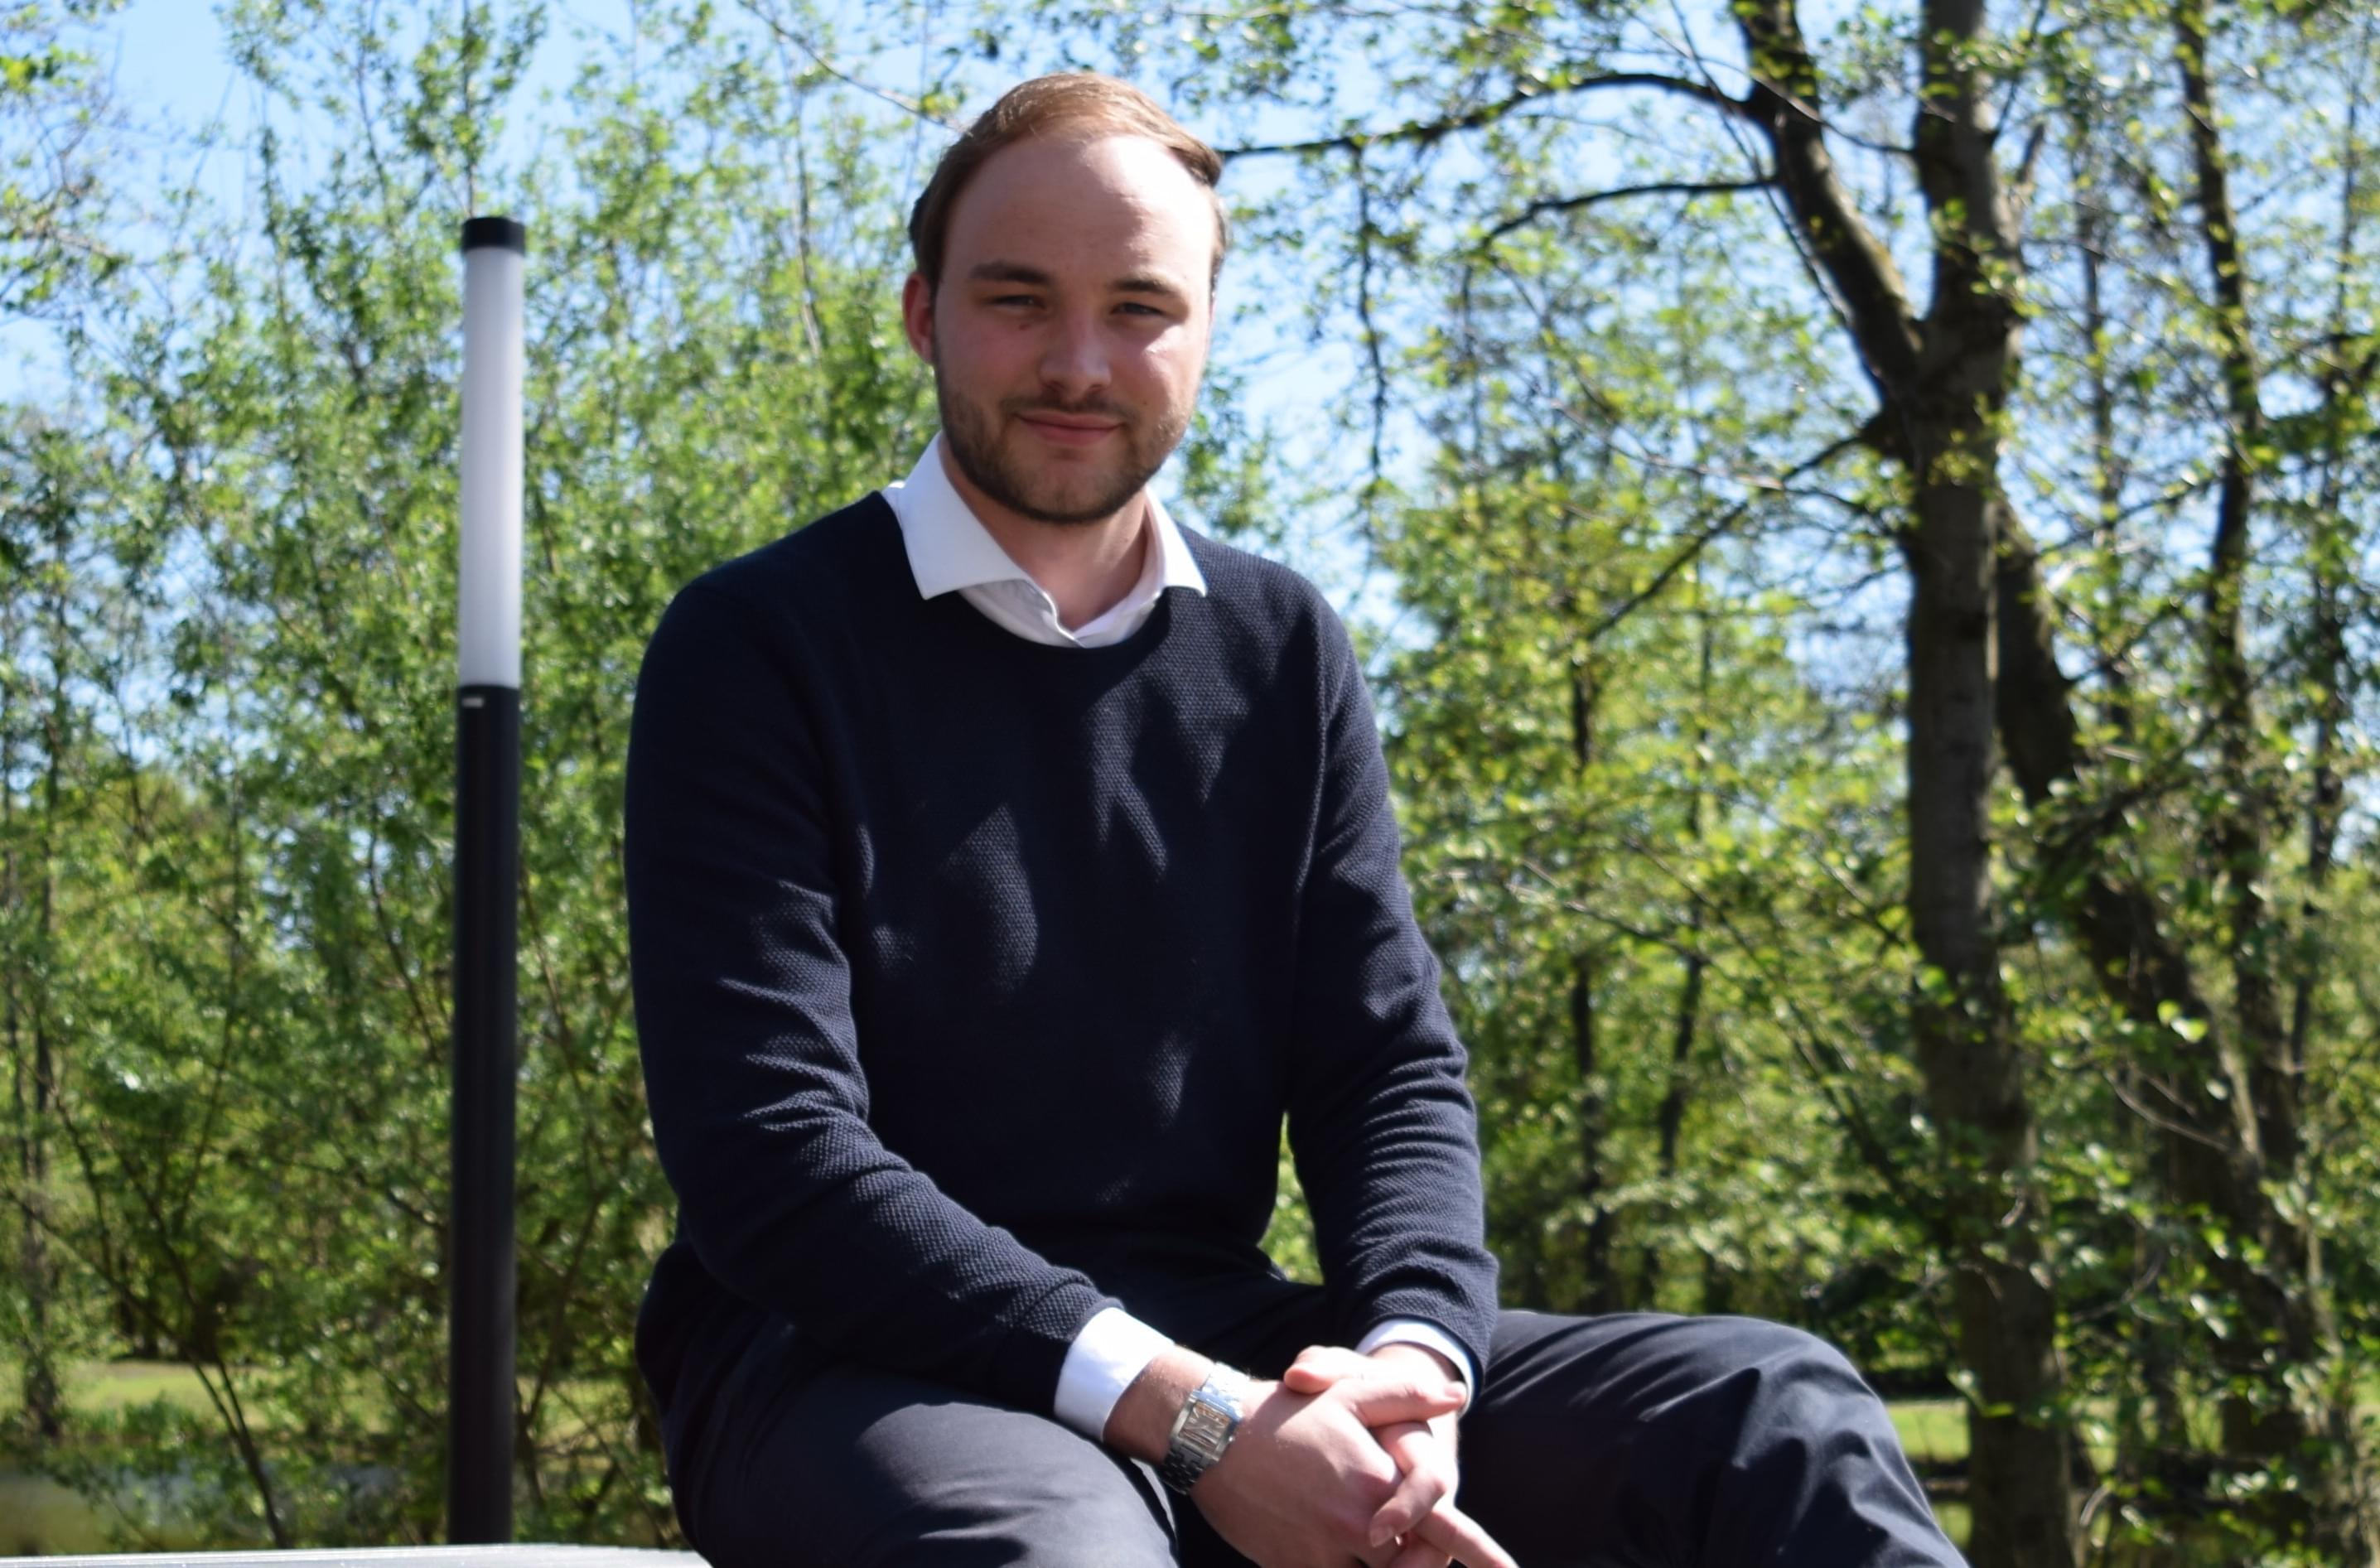 Nicolai Petrovic